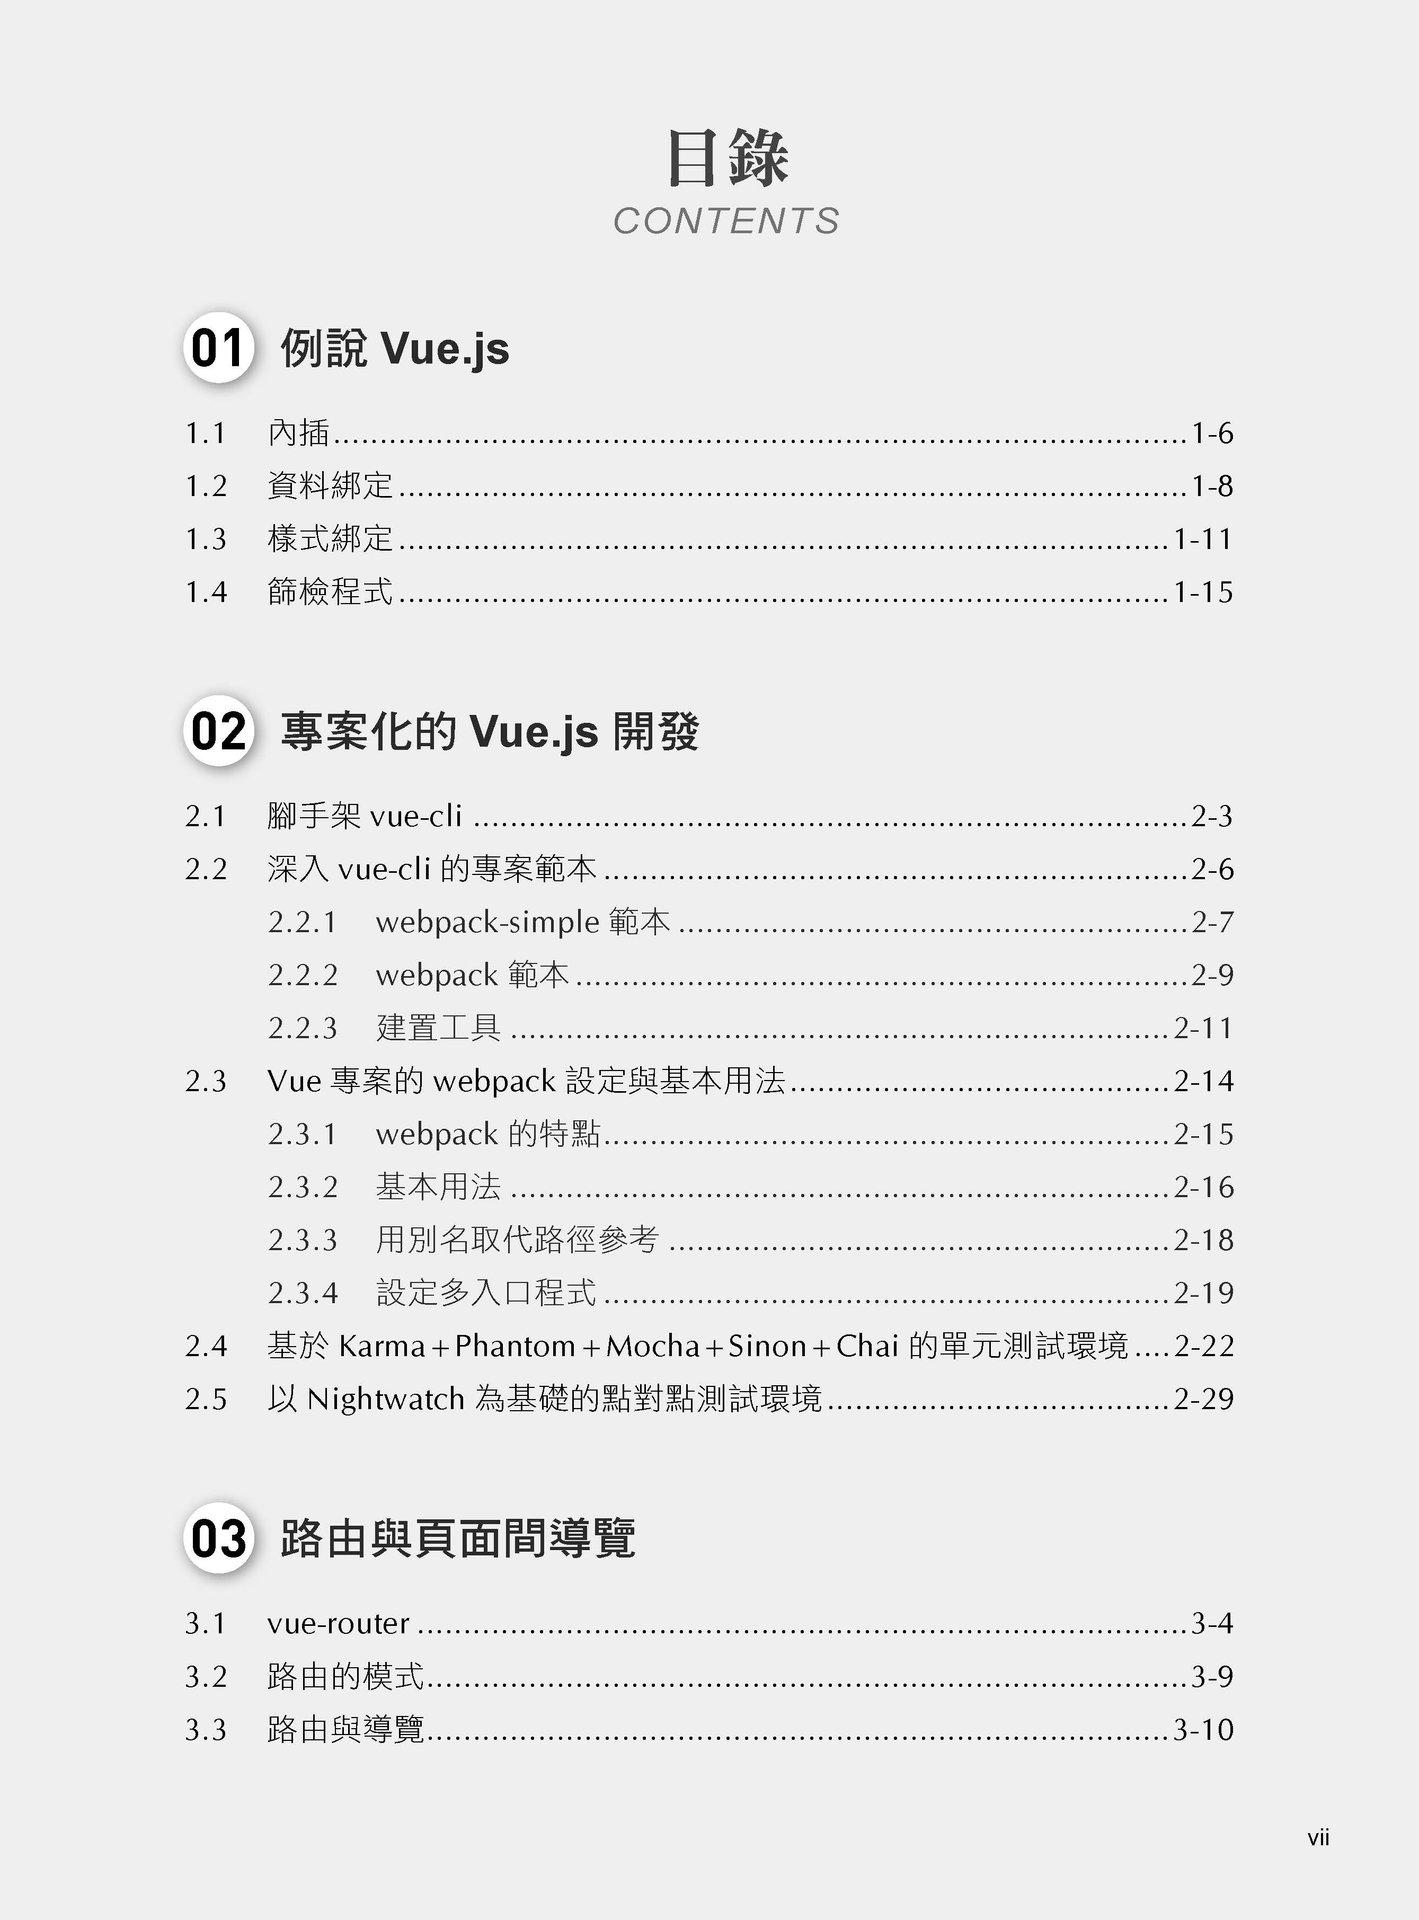 前端設計範式三大天王之 Vue.js-preview-1